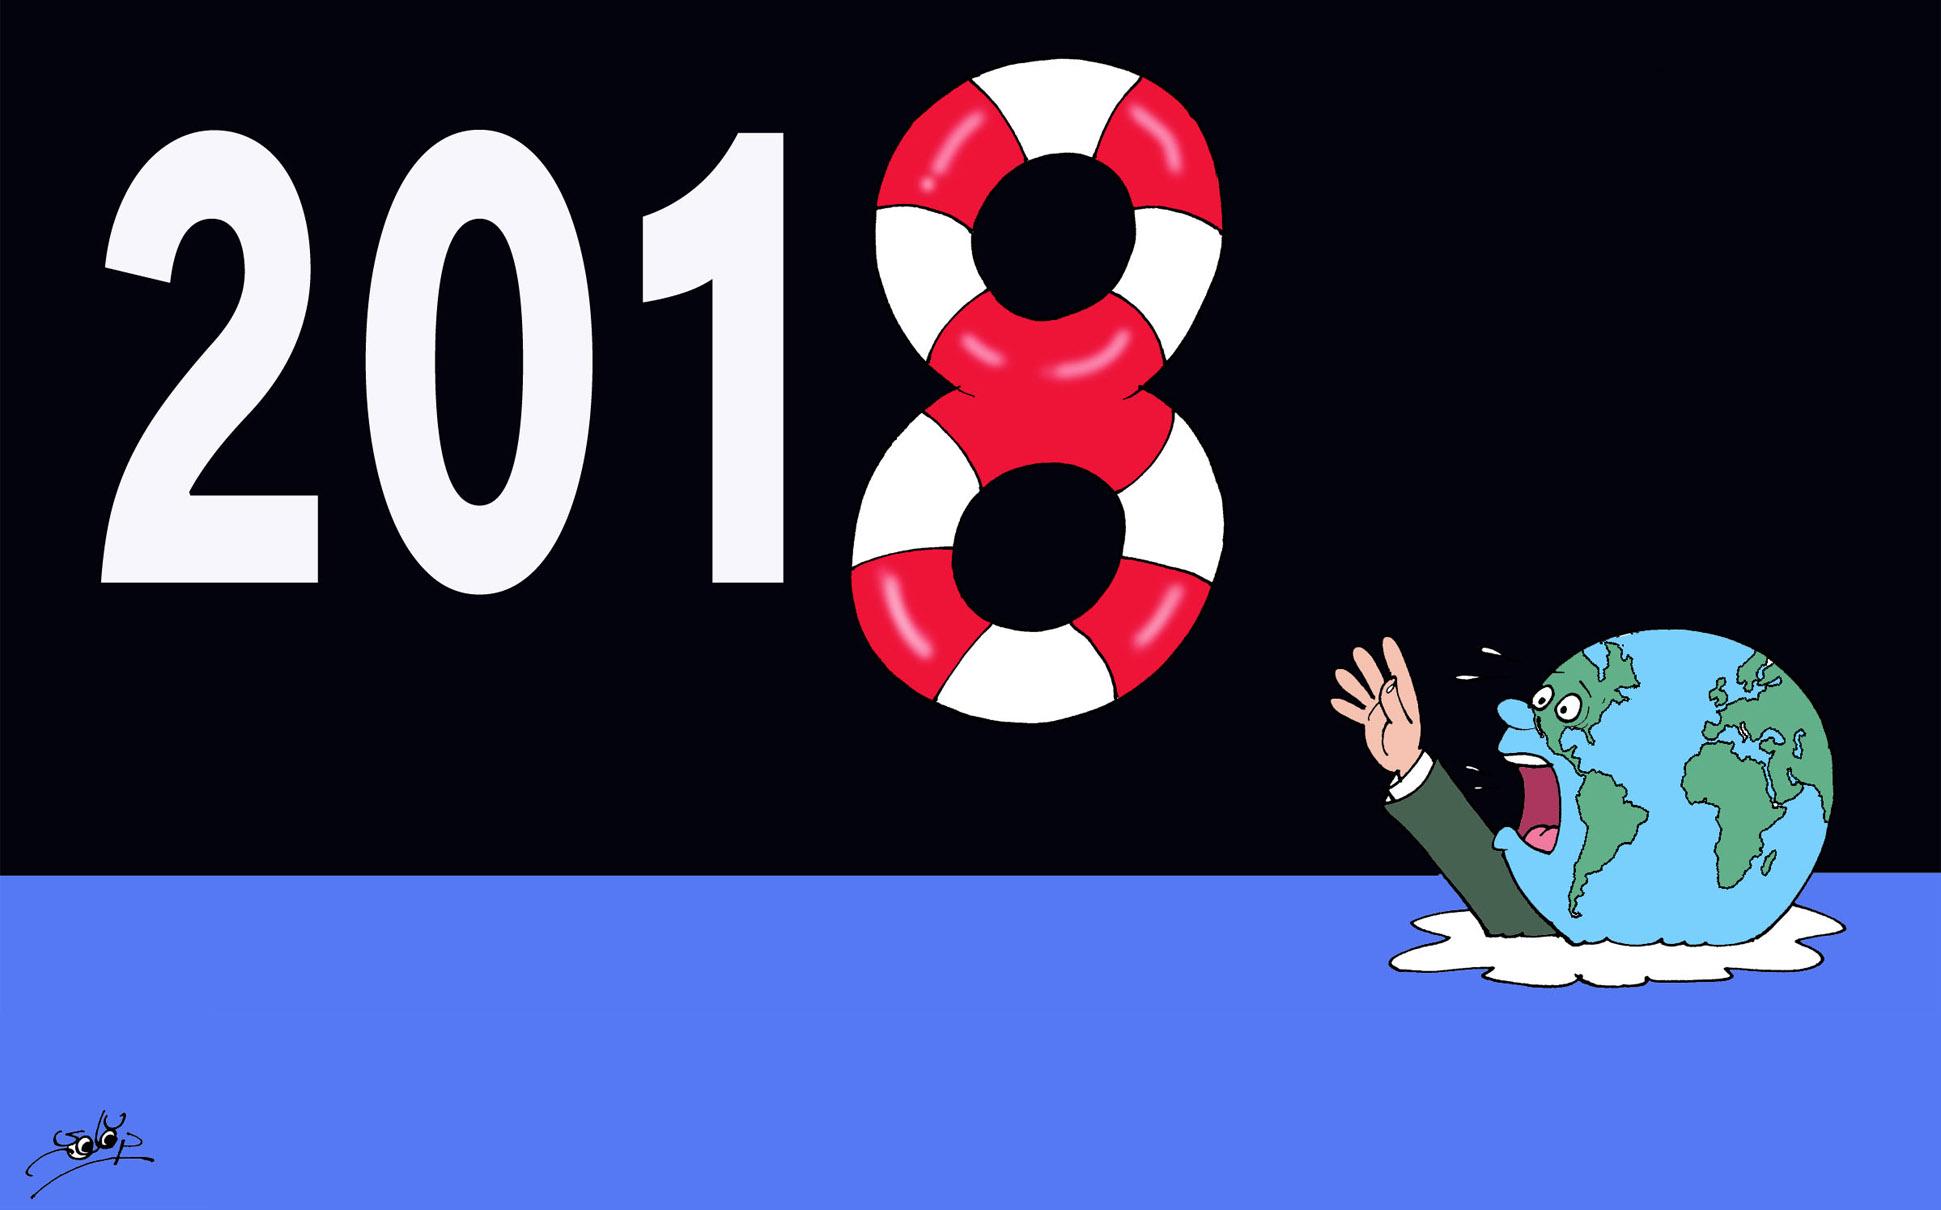 2018...سنة الأمل